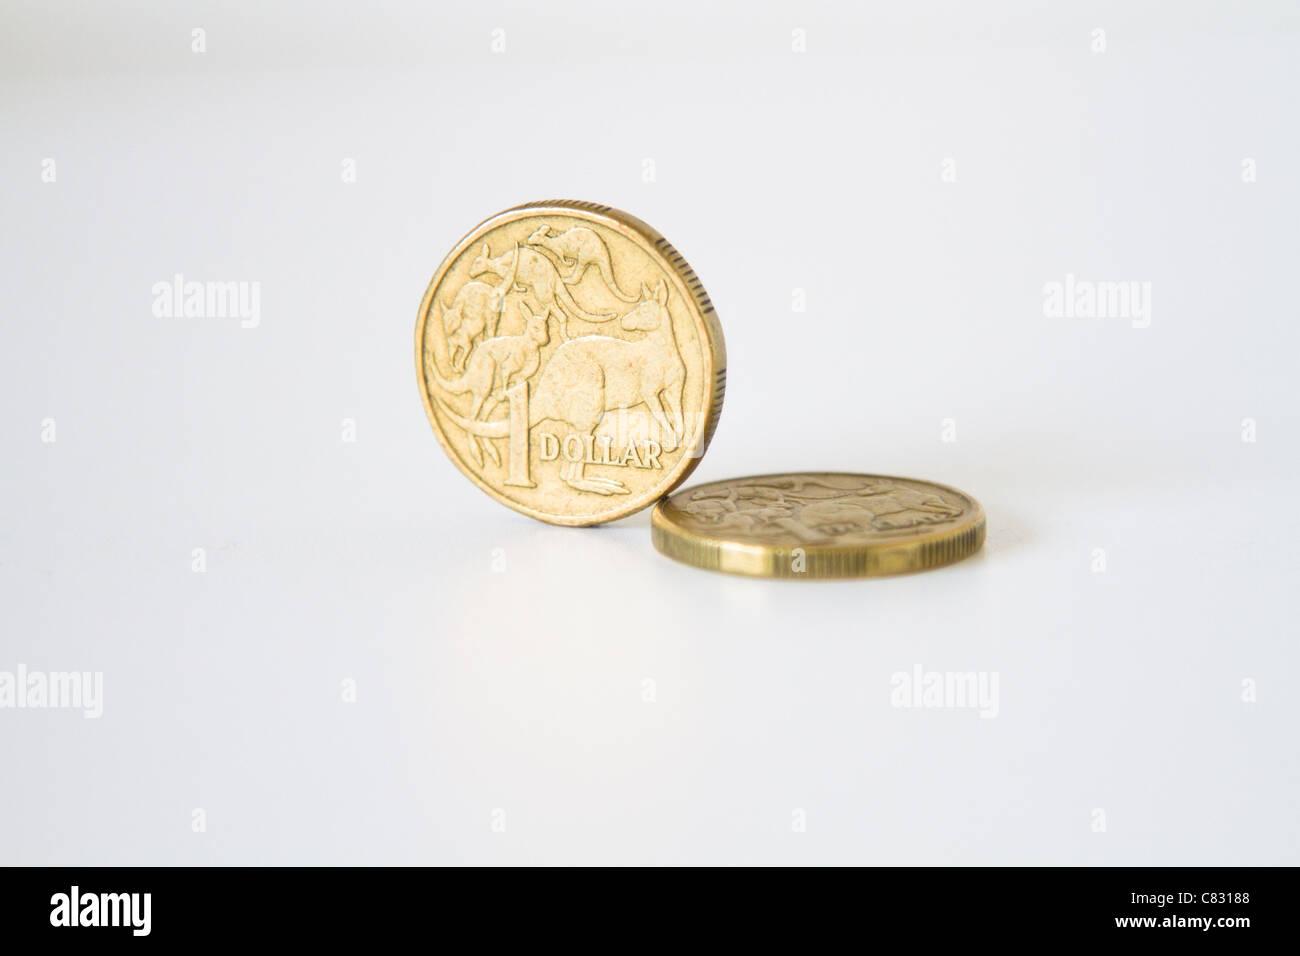 Australische Dollar Münze Geld Stockfoto Bild 39404856 Alamy